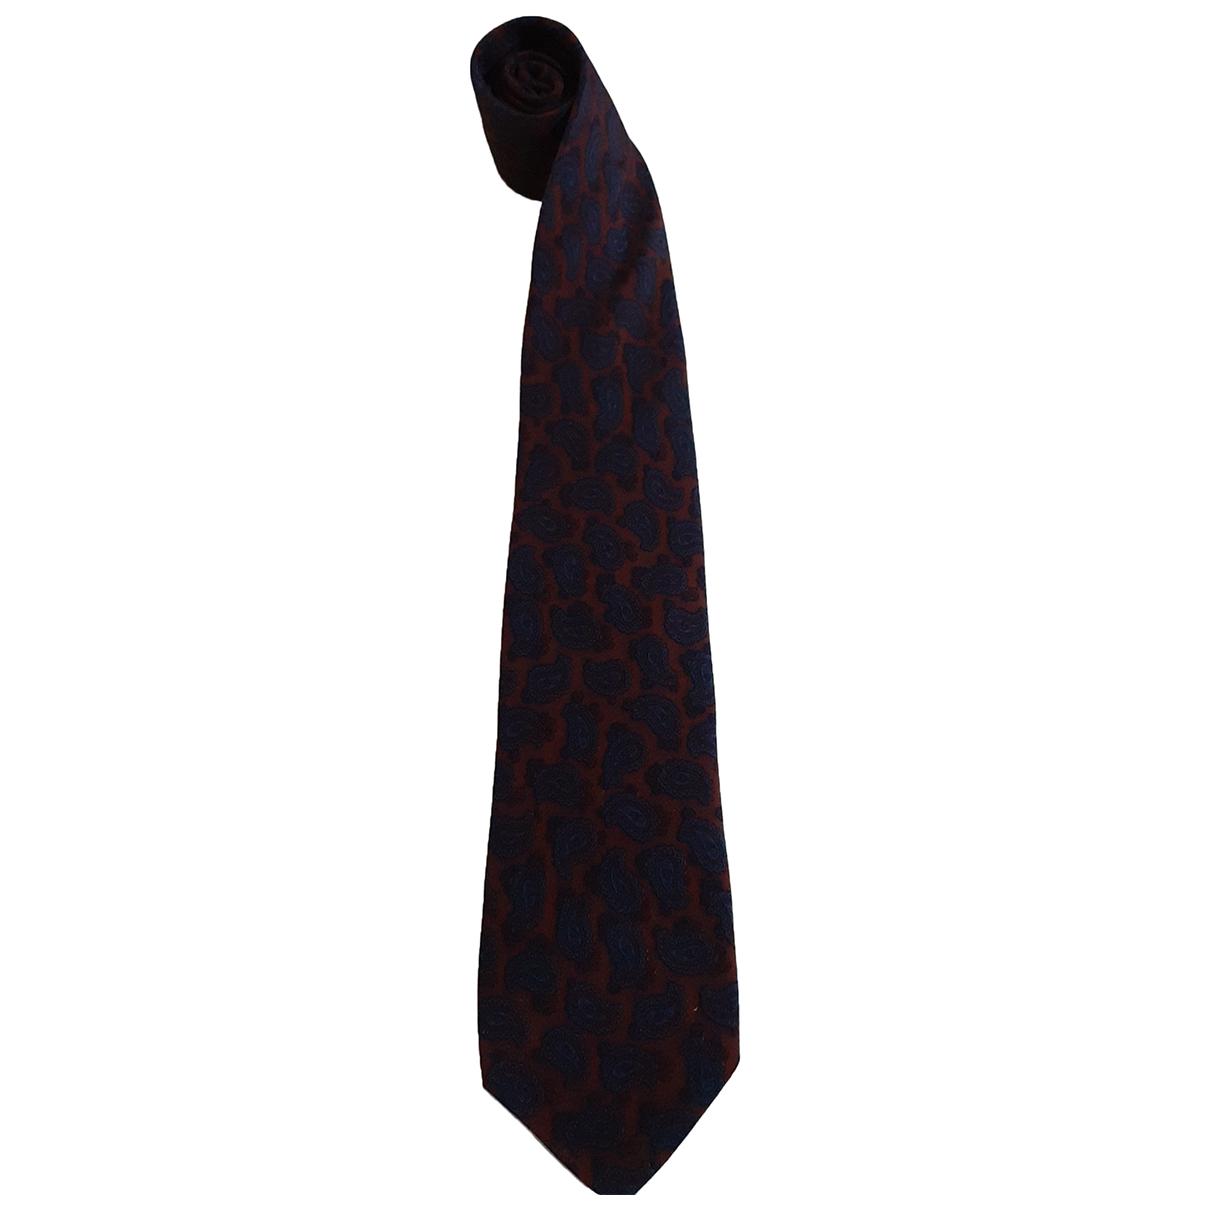 Yves Saint Laurent - Cravates   pour homme en soie - multicolore